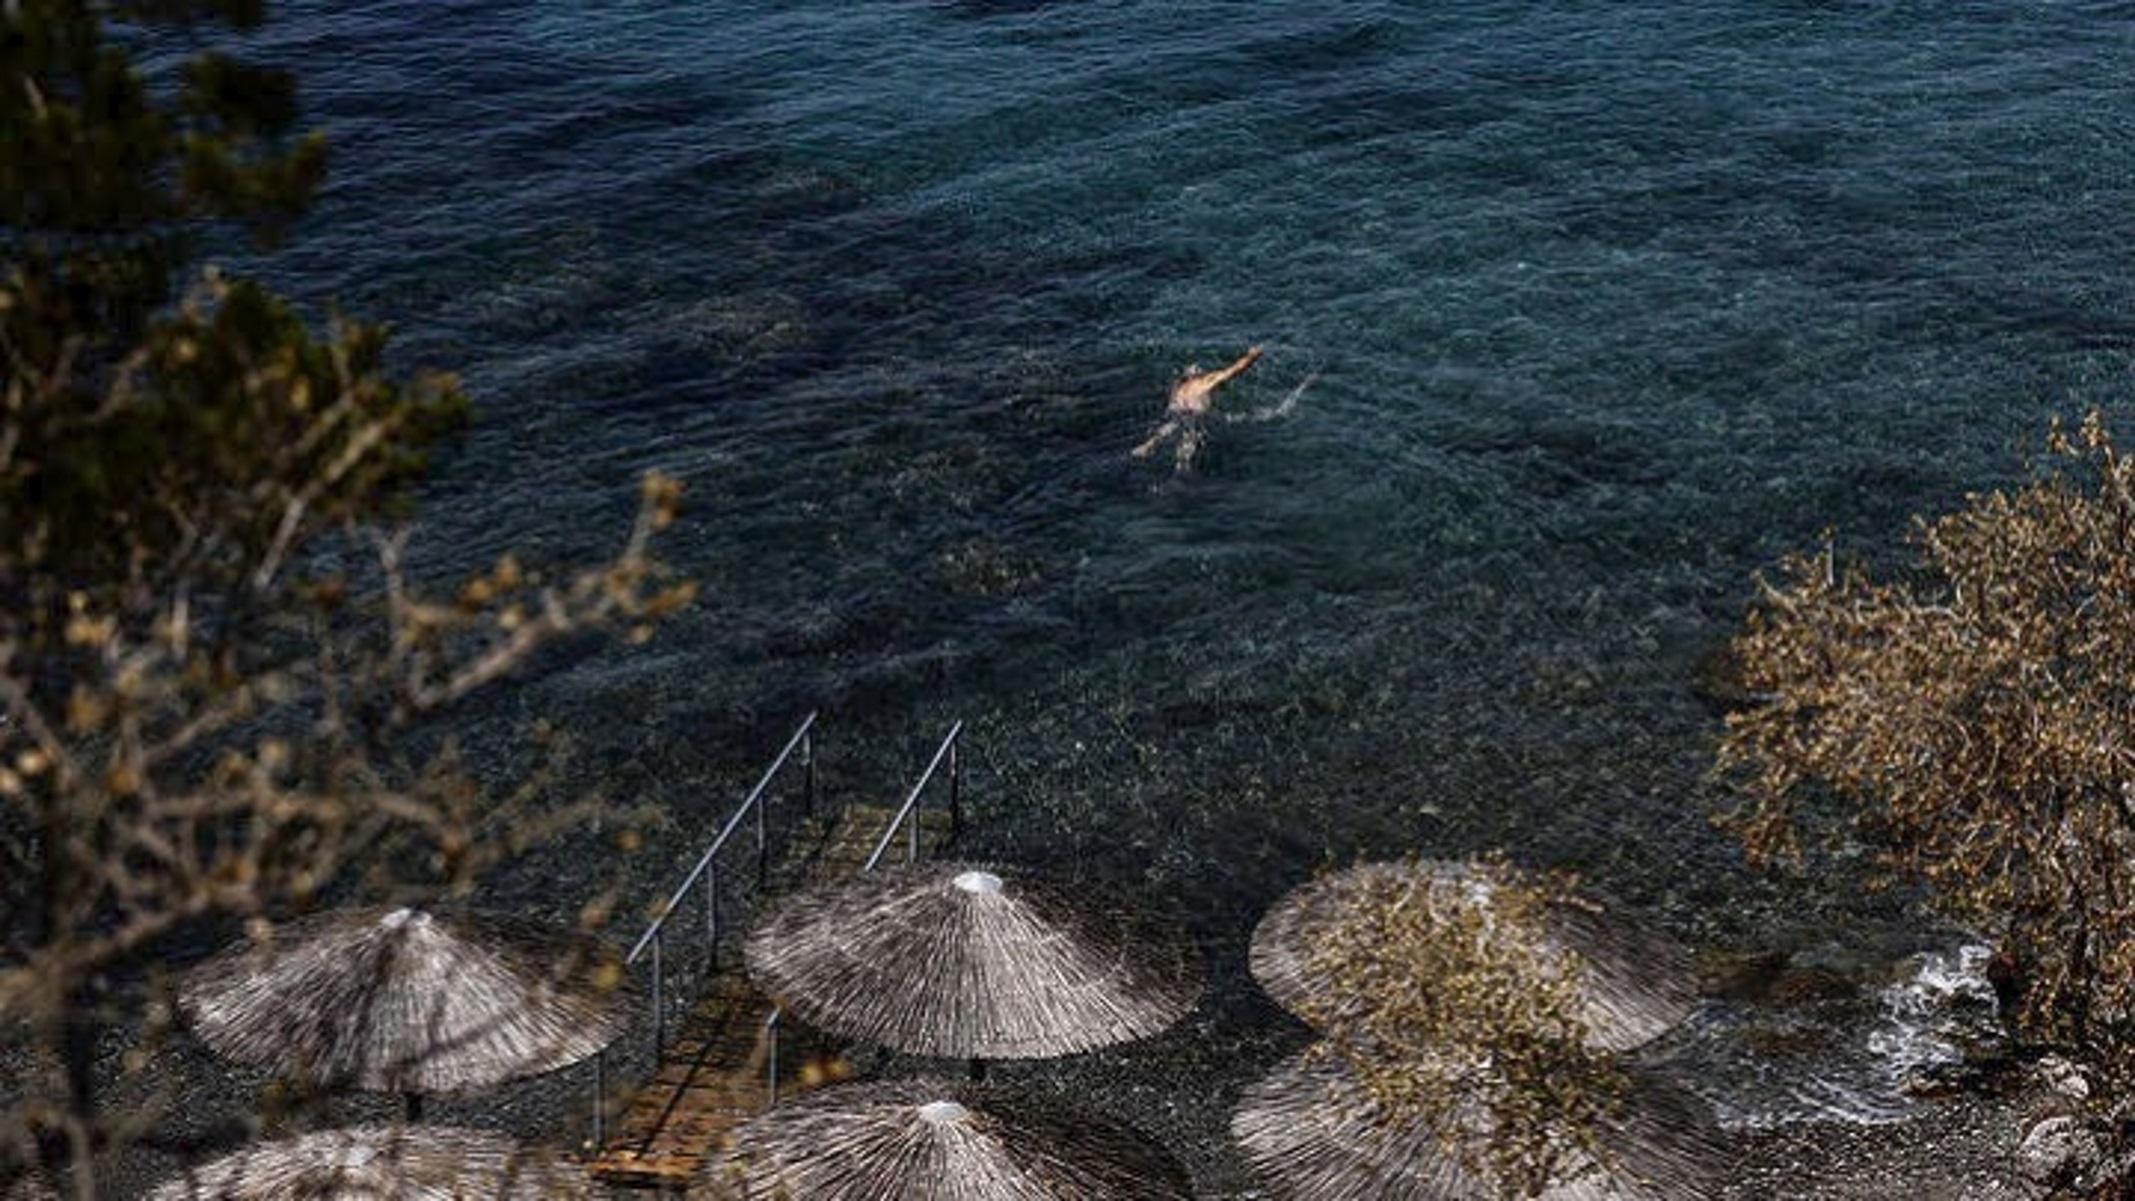 Λήμνος: Προπονητής διέσωσε κολυμβητές που κινδύνευαν στη θάλασσα